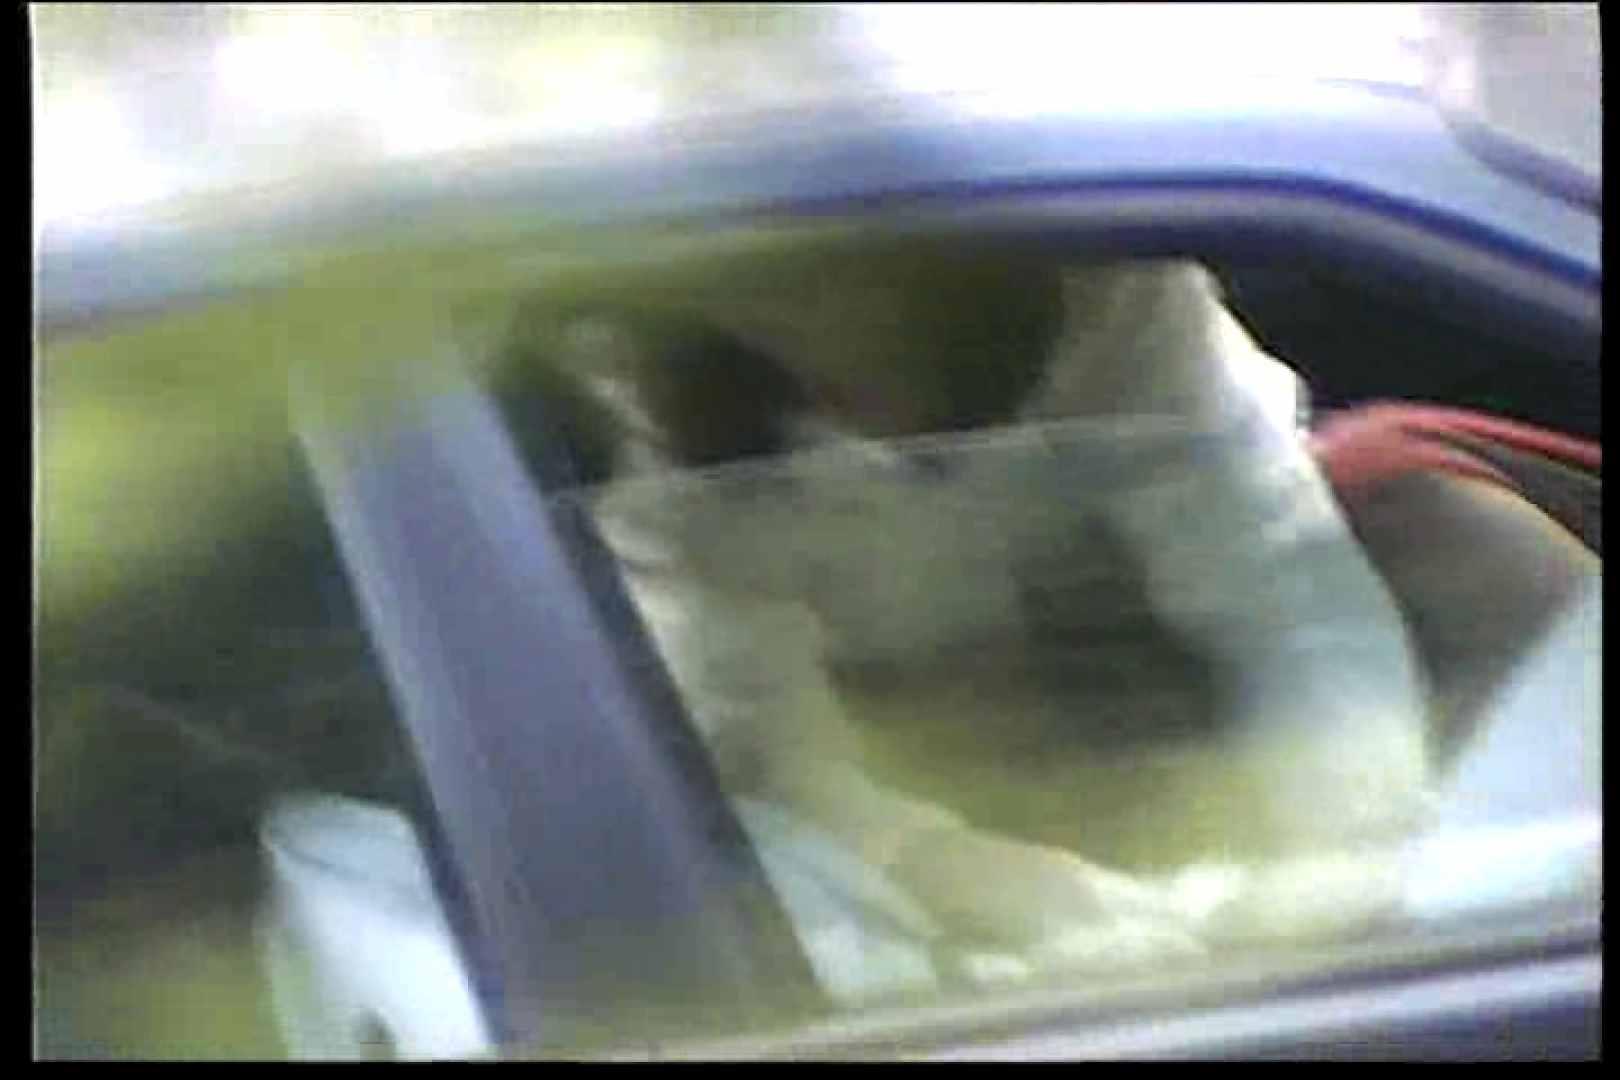 車の中はラブホテル 無修正版  Vol.12 望遠 隠し撮りオマンコ動画紹介 109連発 38